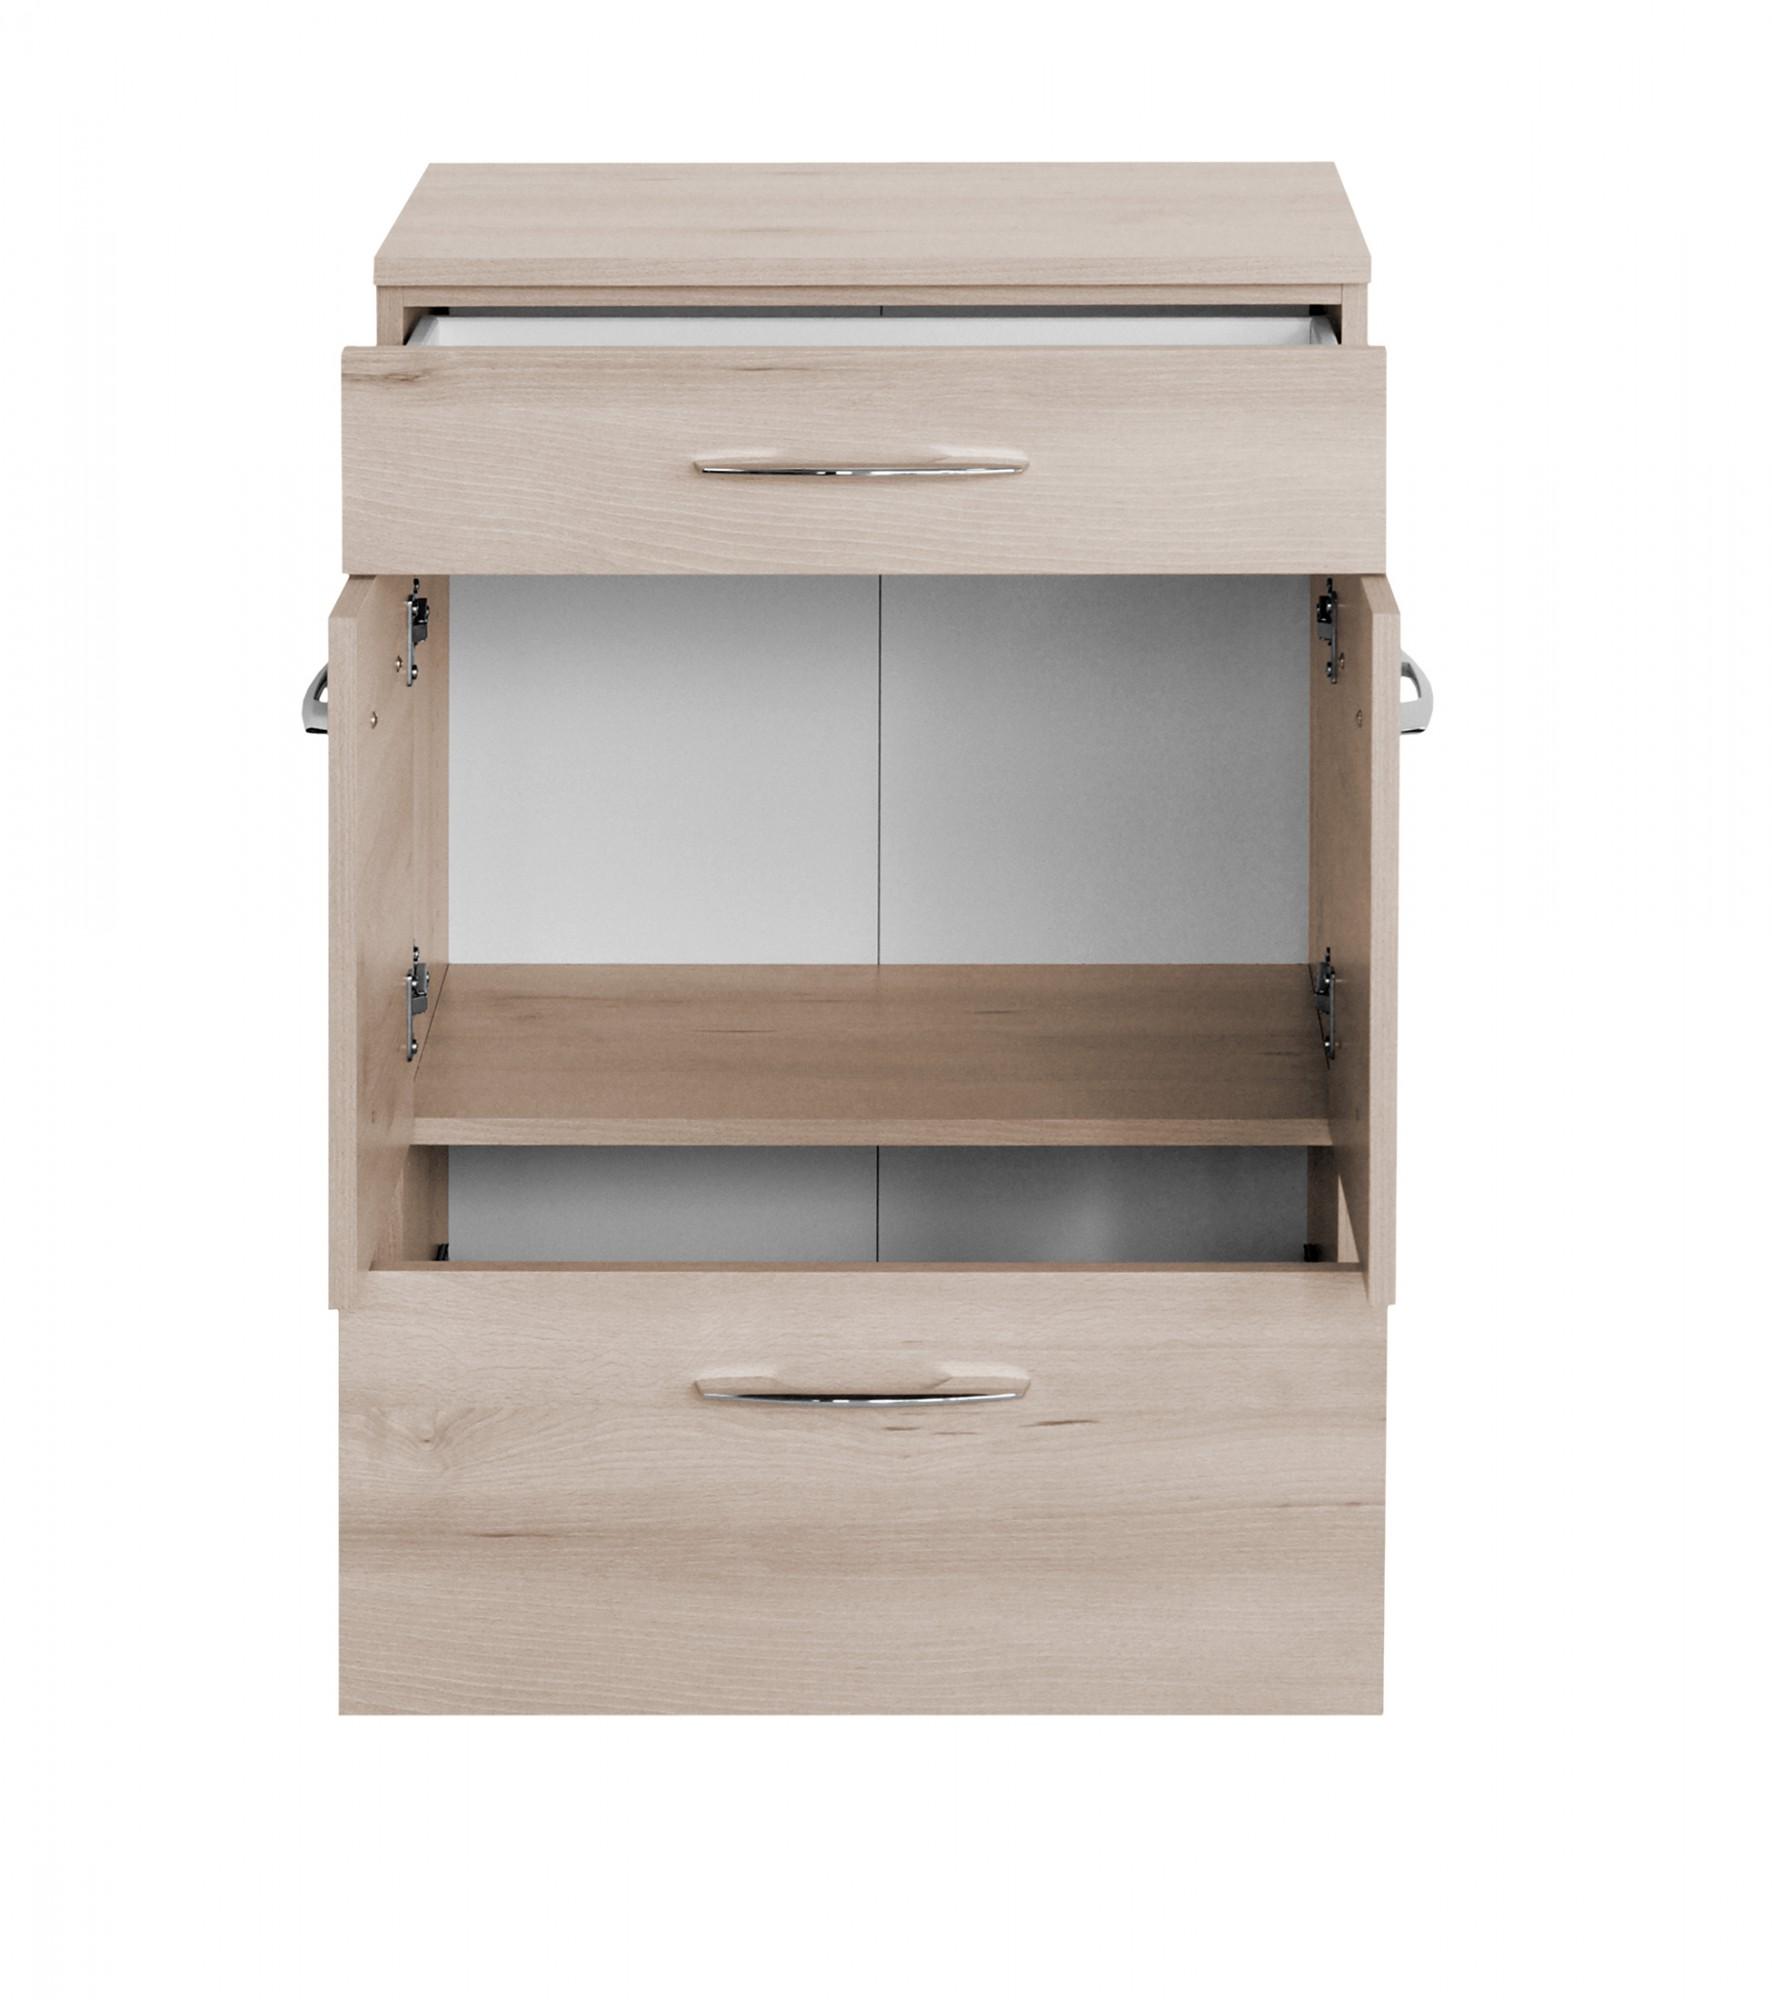 bad unterschrank portofino 2 t rig 1 schublade 1 auszug 60 cm breit buche iconic bad. Black Bedroom Furniture Sets. Home Design Ideas